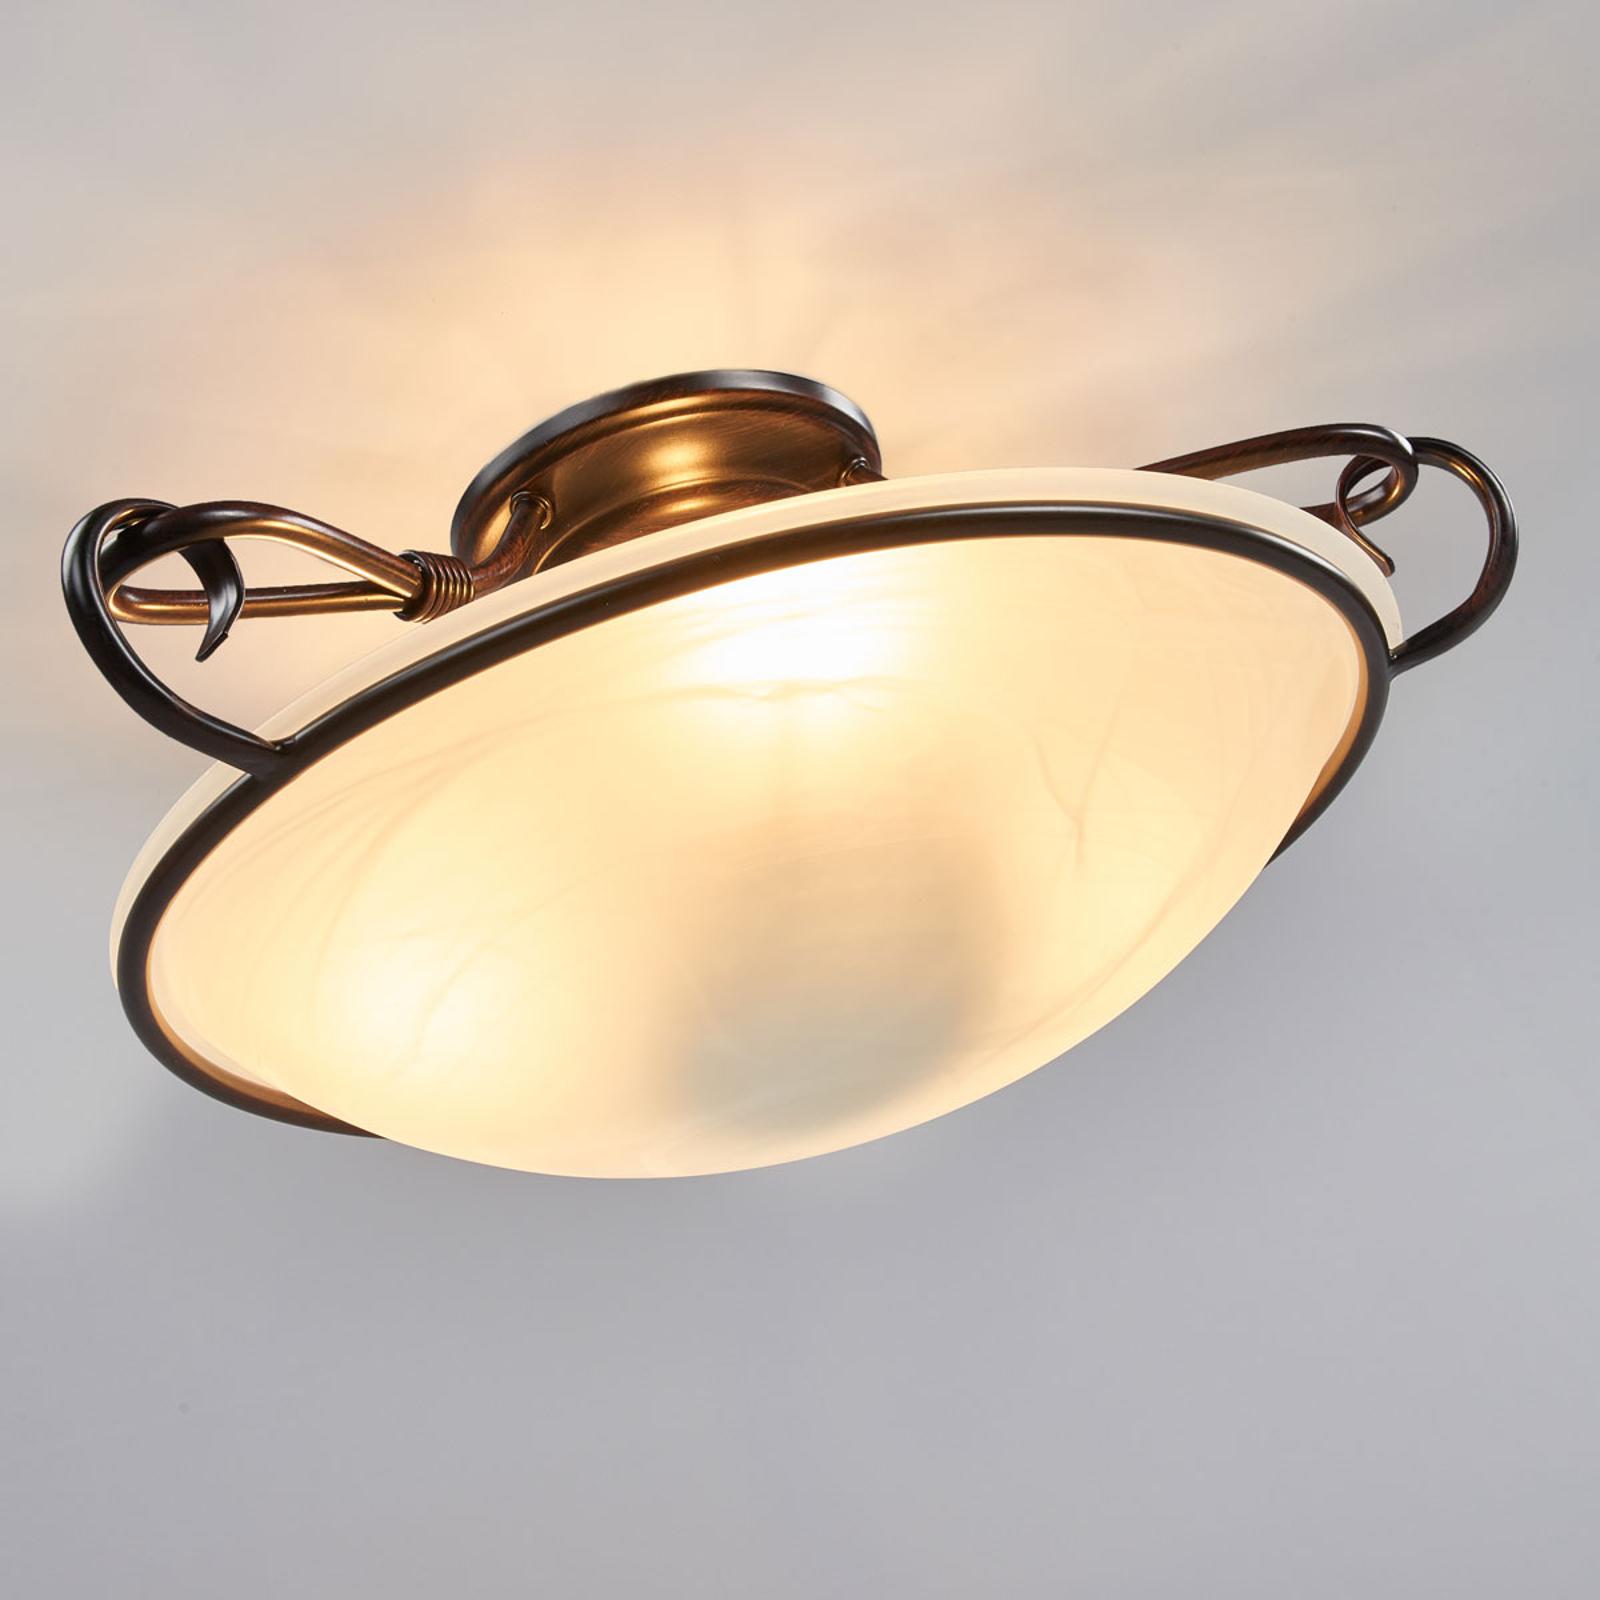 Dekoracyjna lampa sufitowa COMO w kolorze rdzy